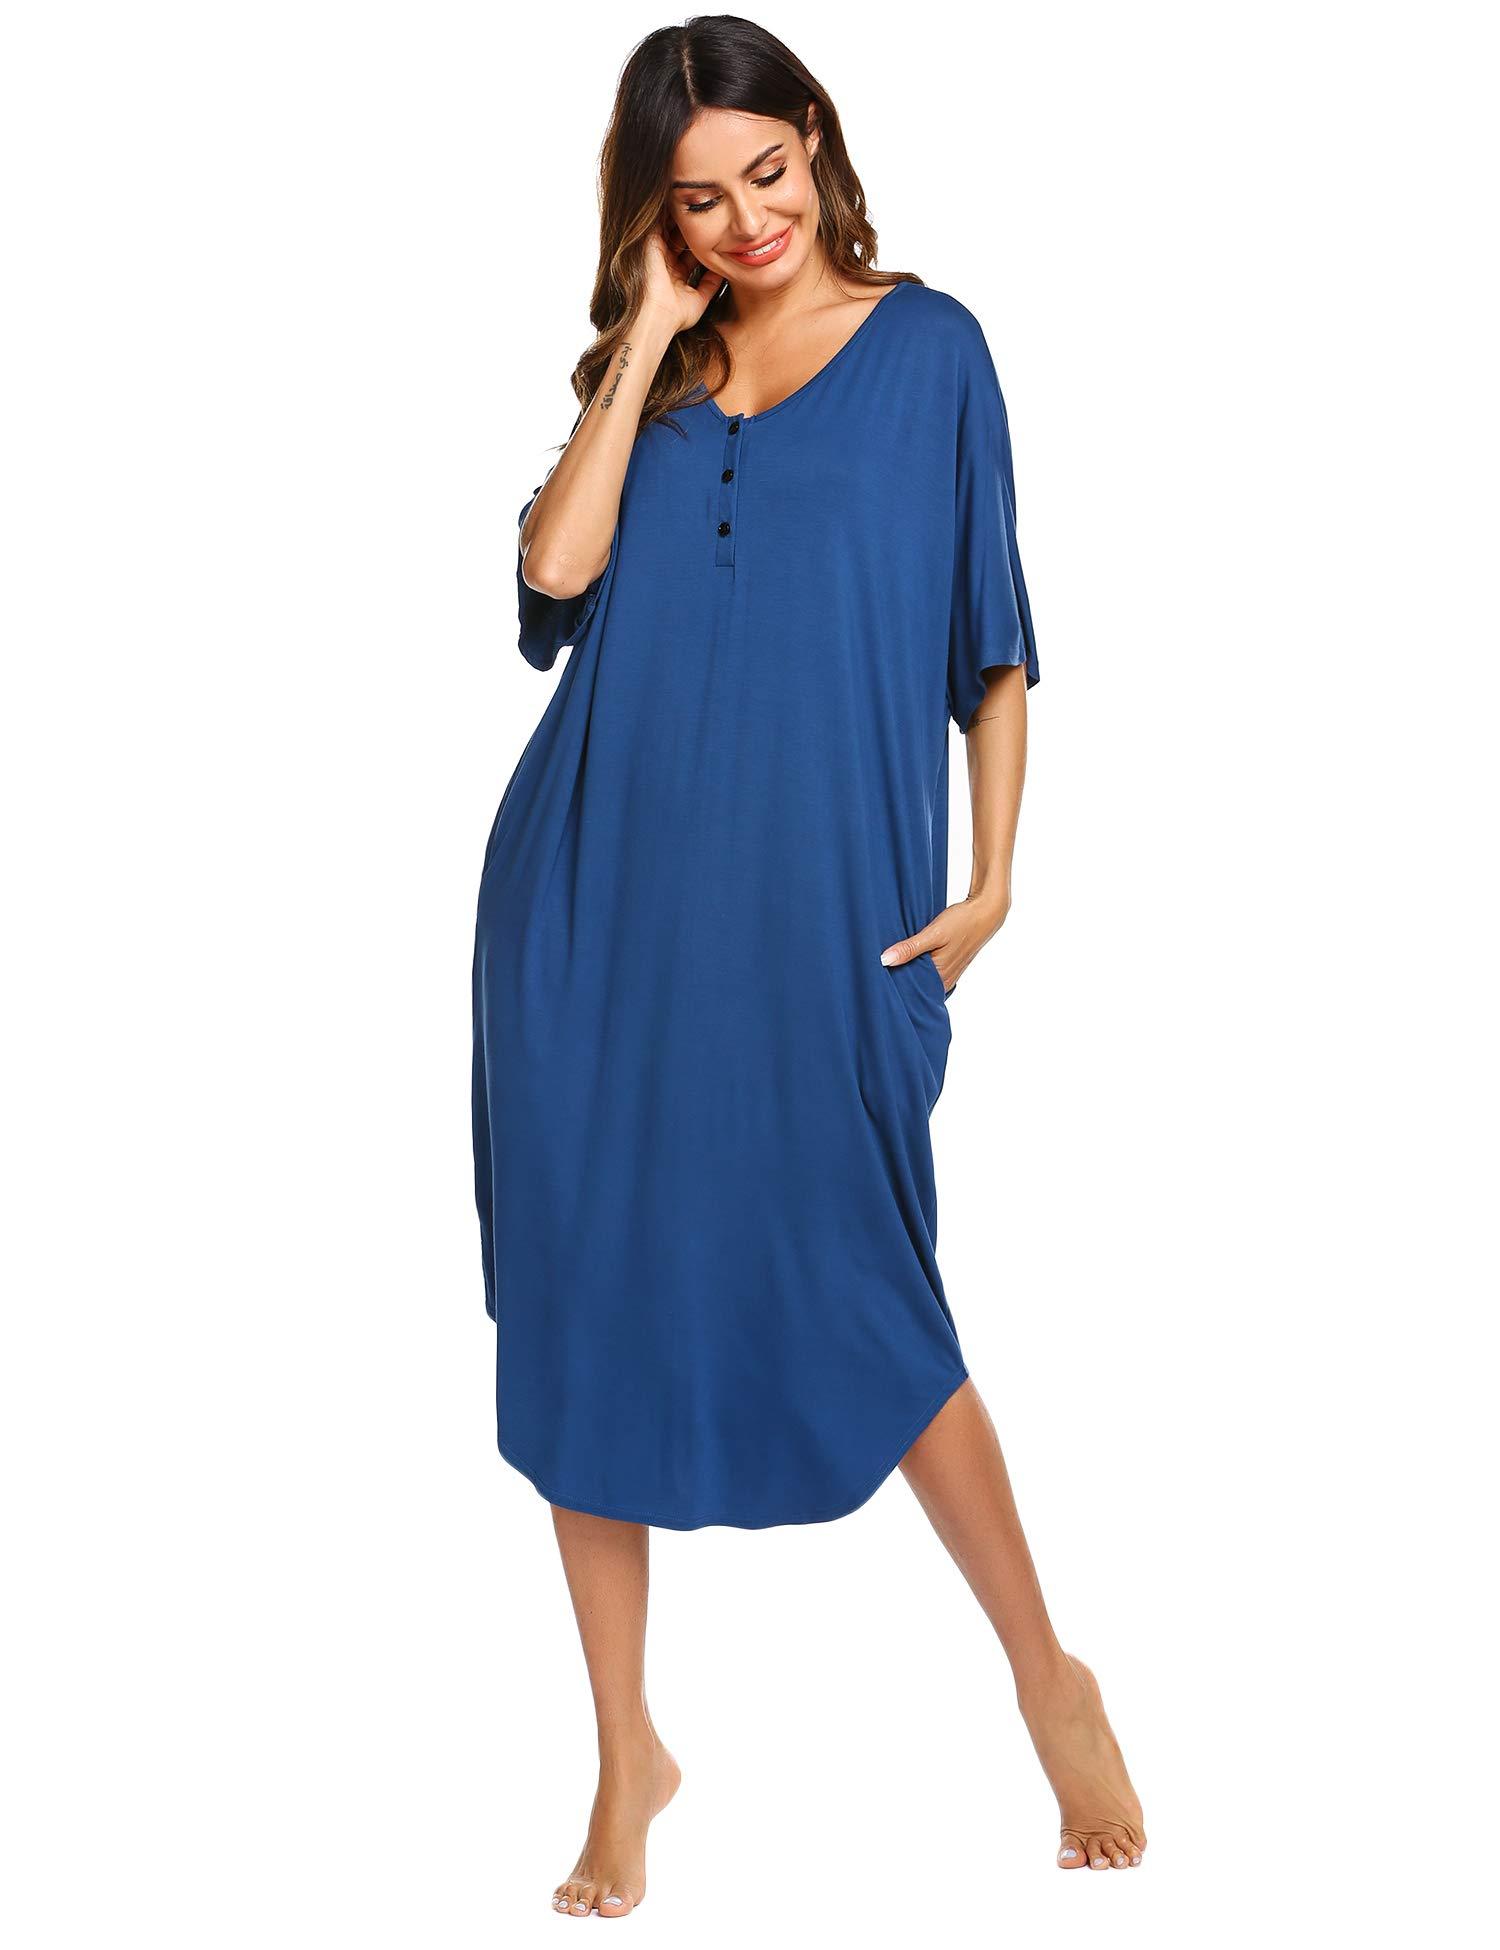 Ekouaer Nightgowns Womens V Neck Loungewear Short Sleeve Sleepwear Plus Size Night Wear S-XXL